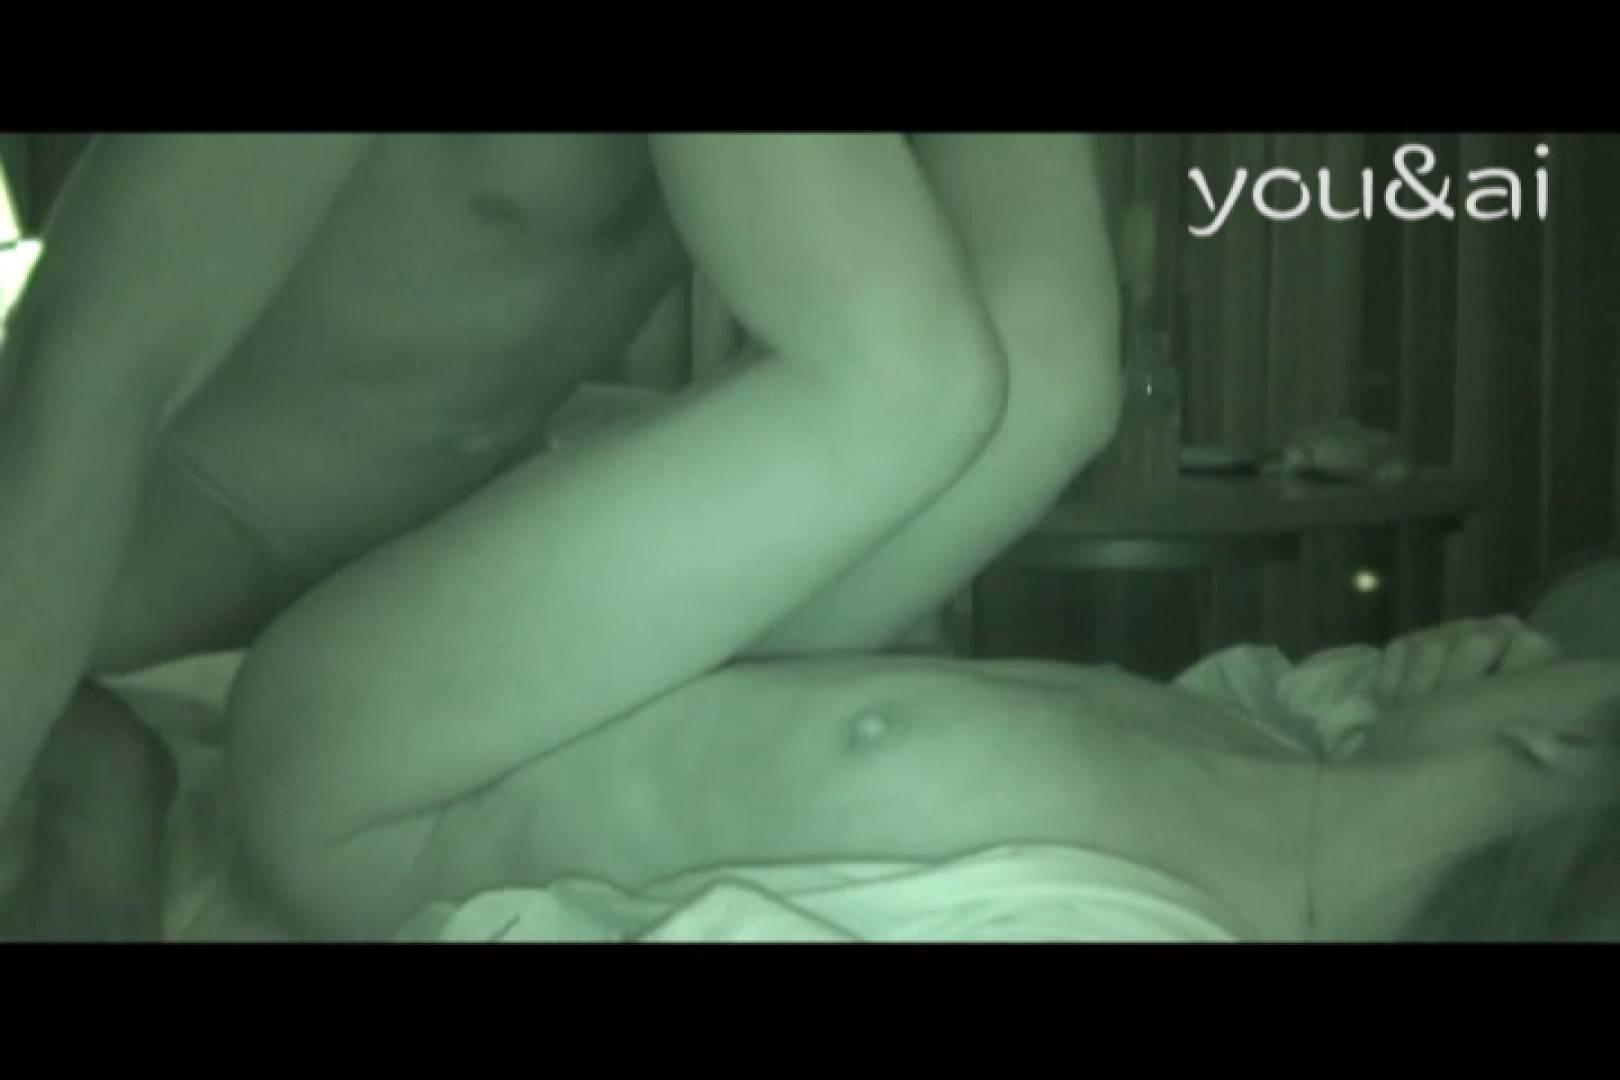 おしどり夫婦のyou&aiさん投稿作品vol.12 一般投稿  46連発 5